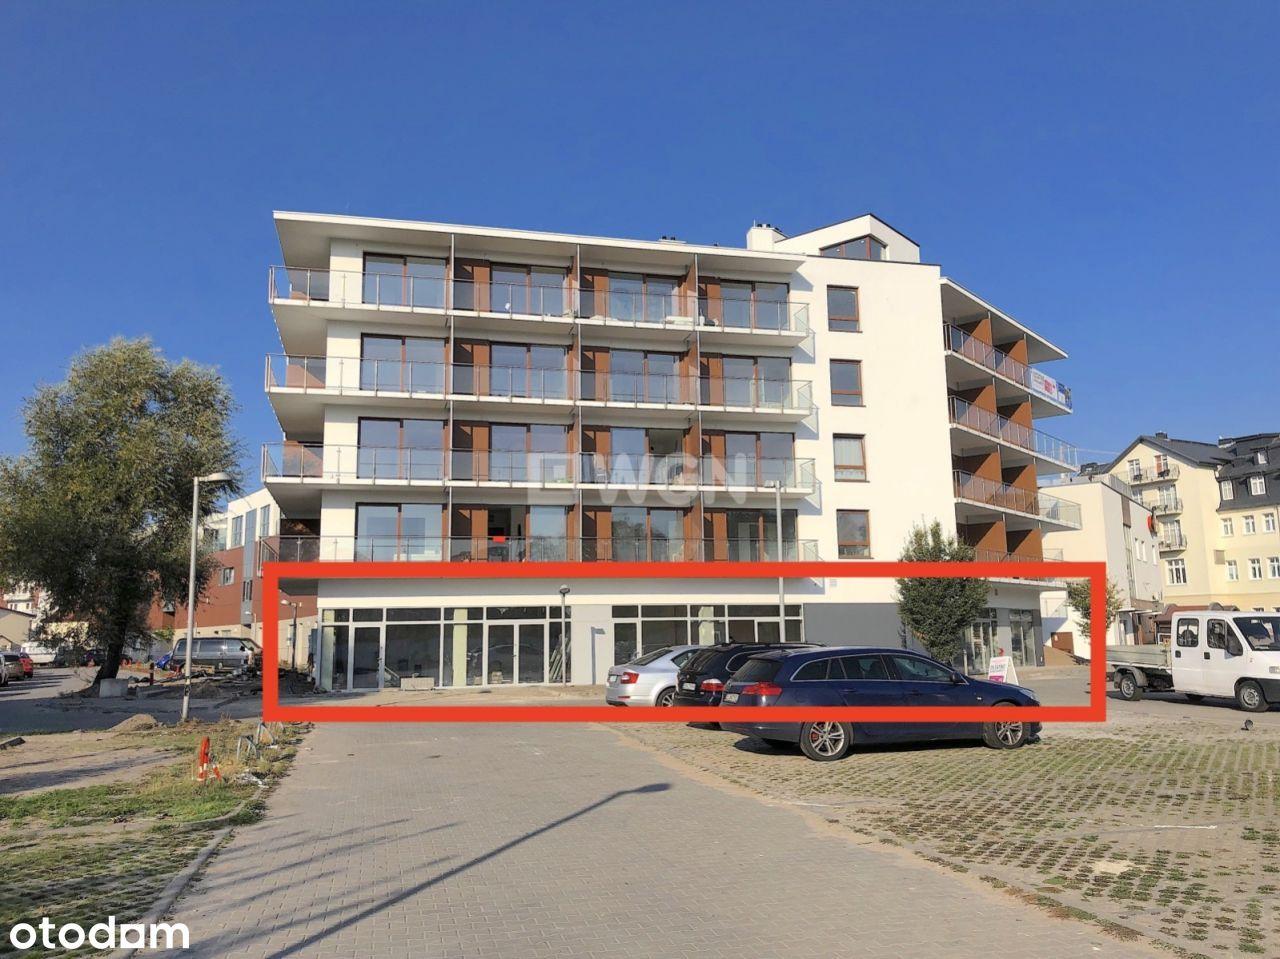 Lokal użytkowy, 60,96 m², Międzyzdroje